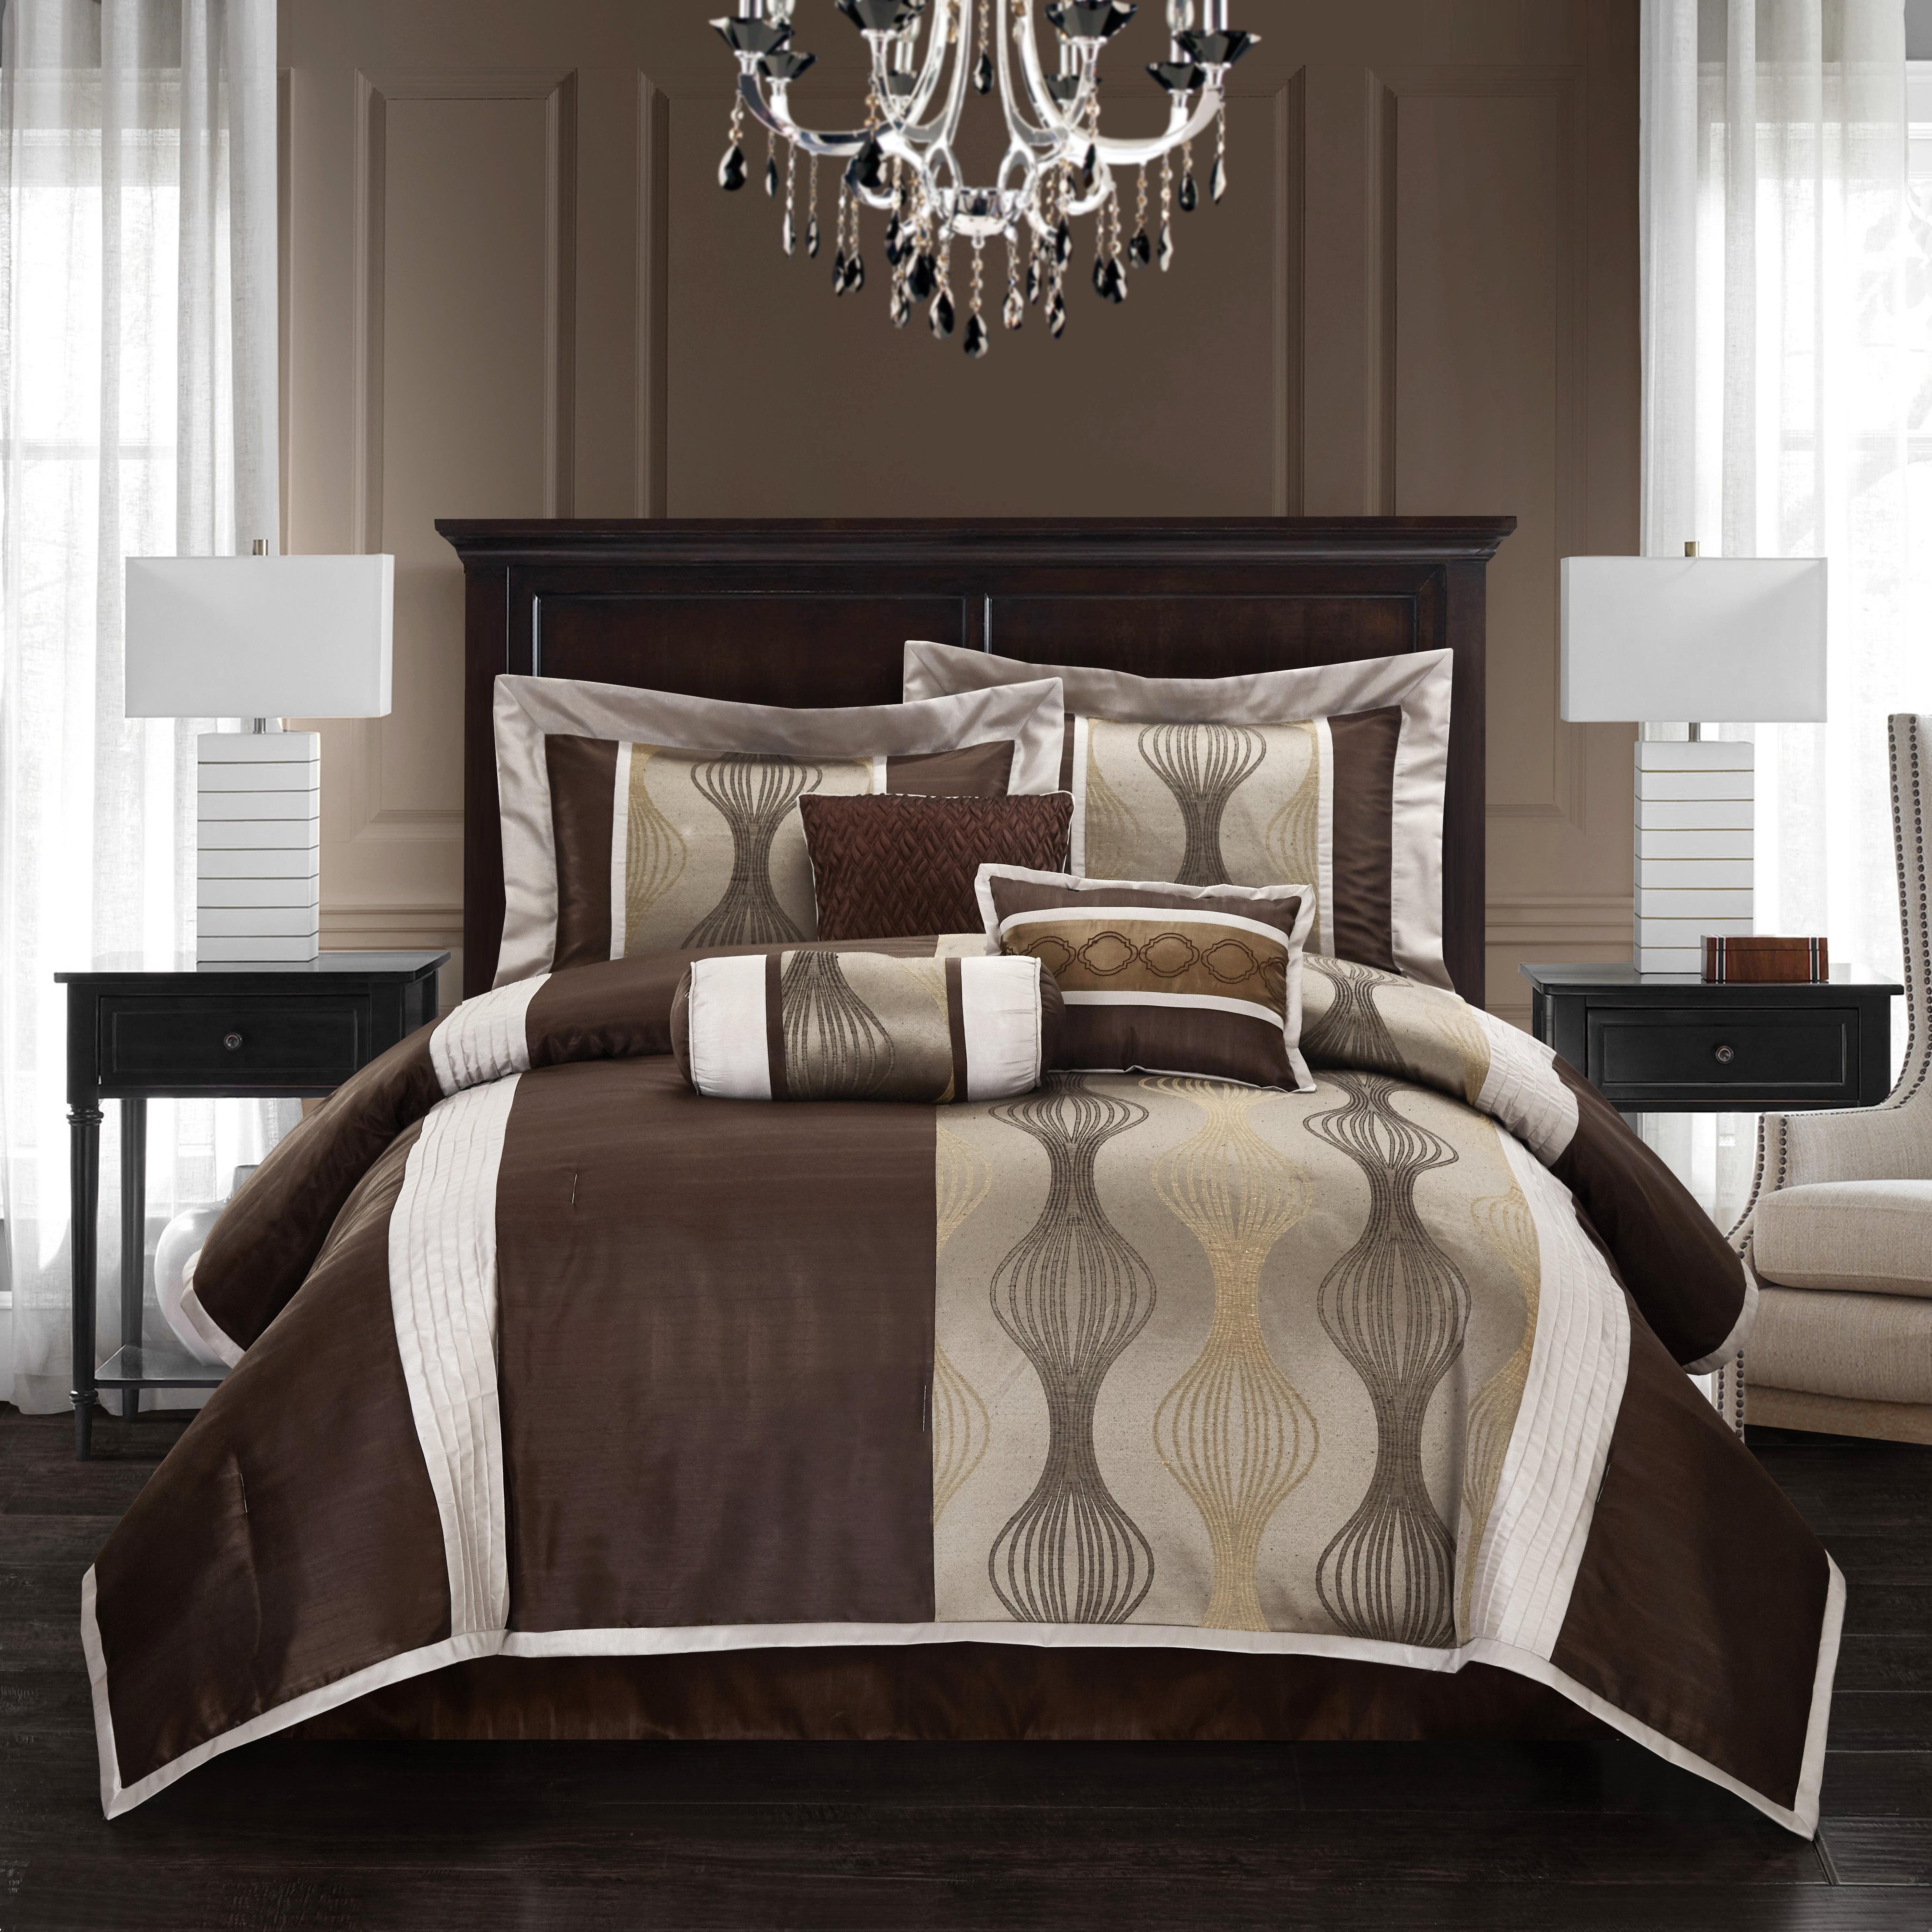 Nanshing Kath 7-Piece Bedding Comforter Set